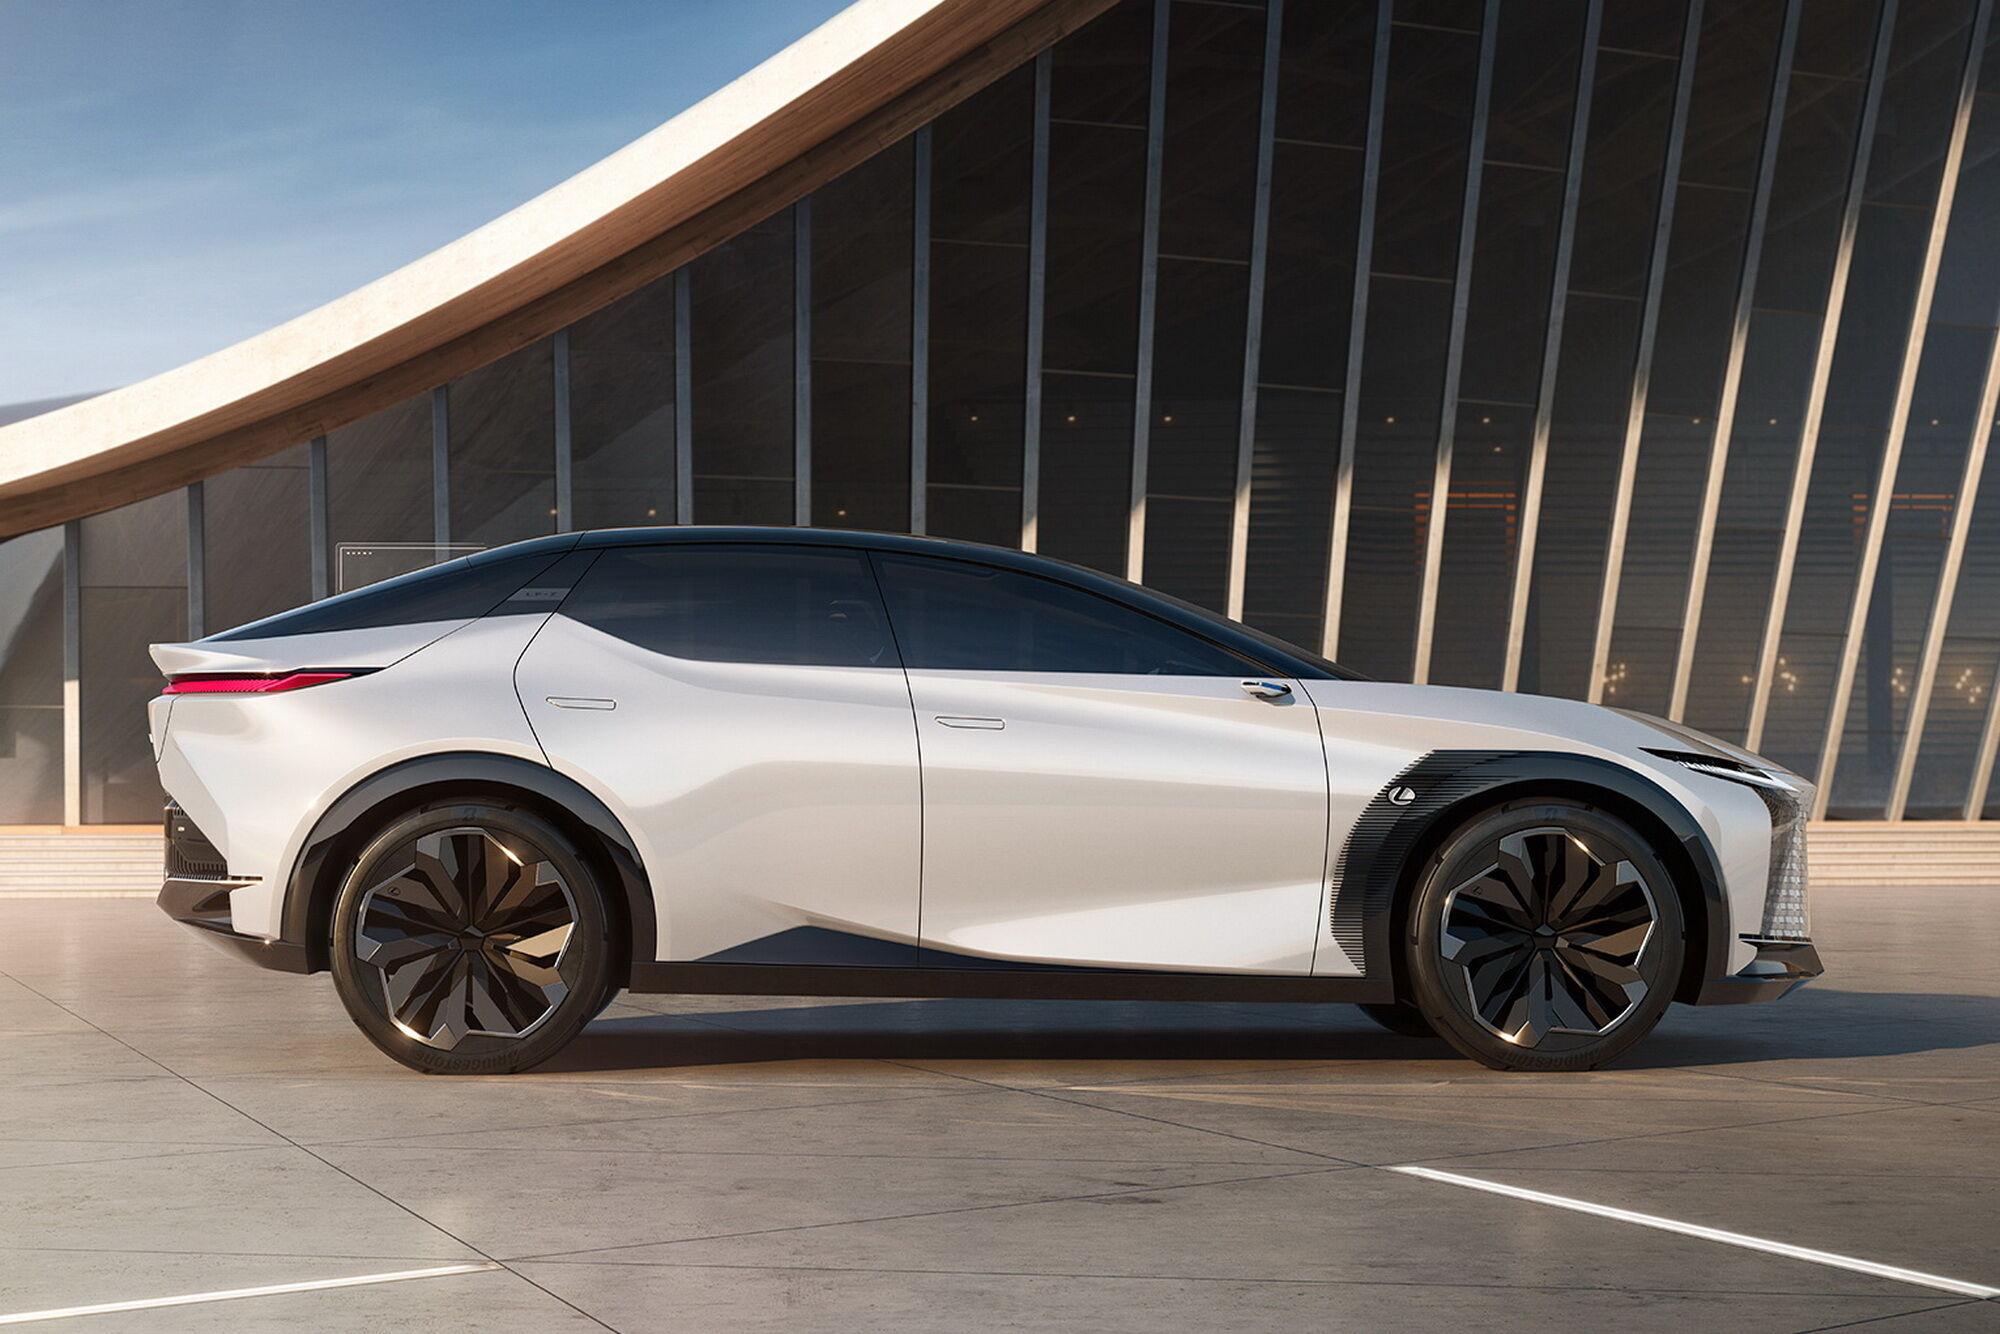 У рух Lexus LF-Z Electrified приводить система Direct4 з чотирма мотор-колесами сумарною потужністю 544 к.с.